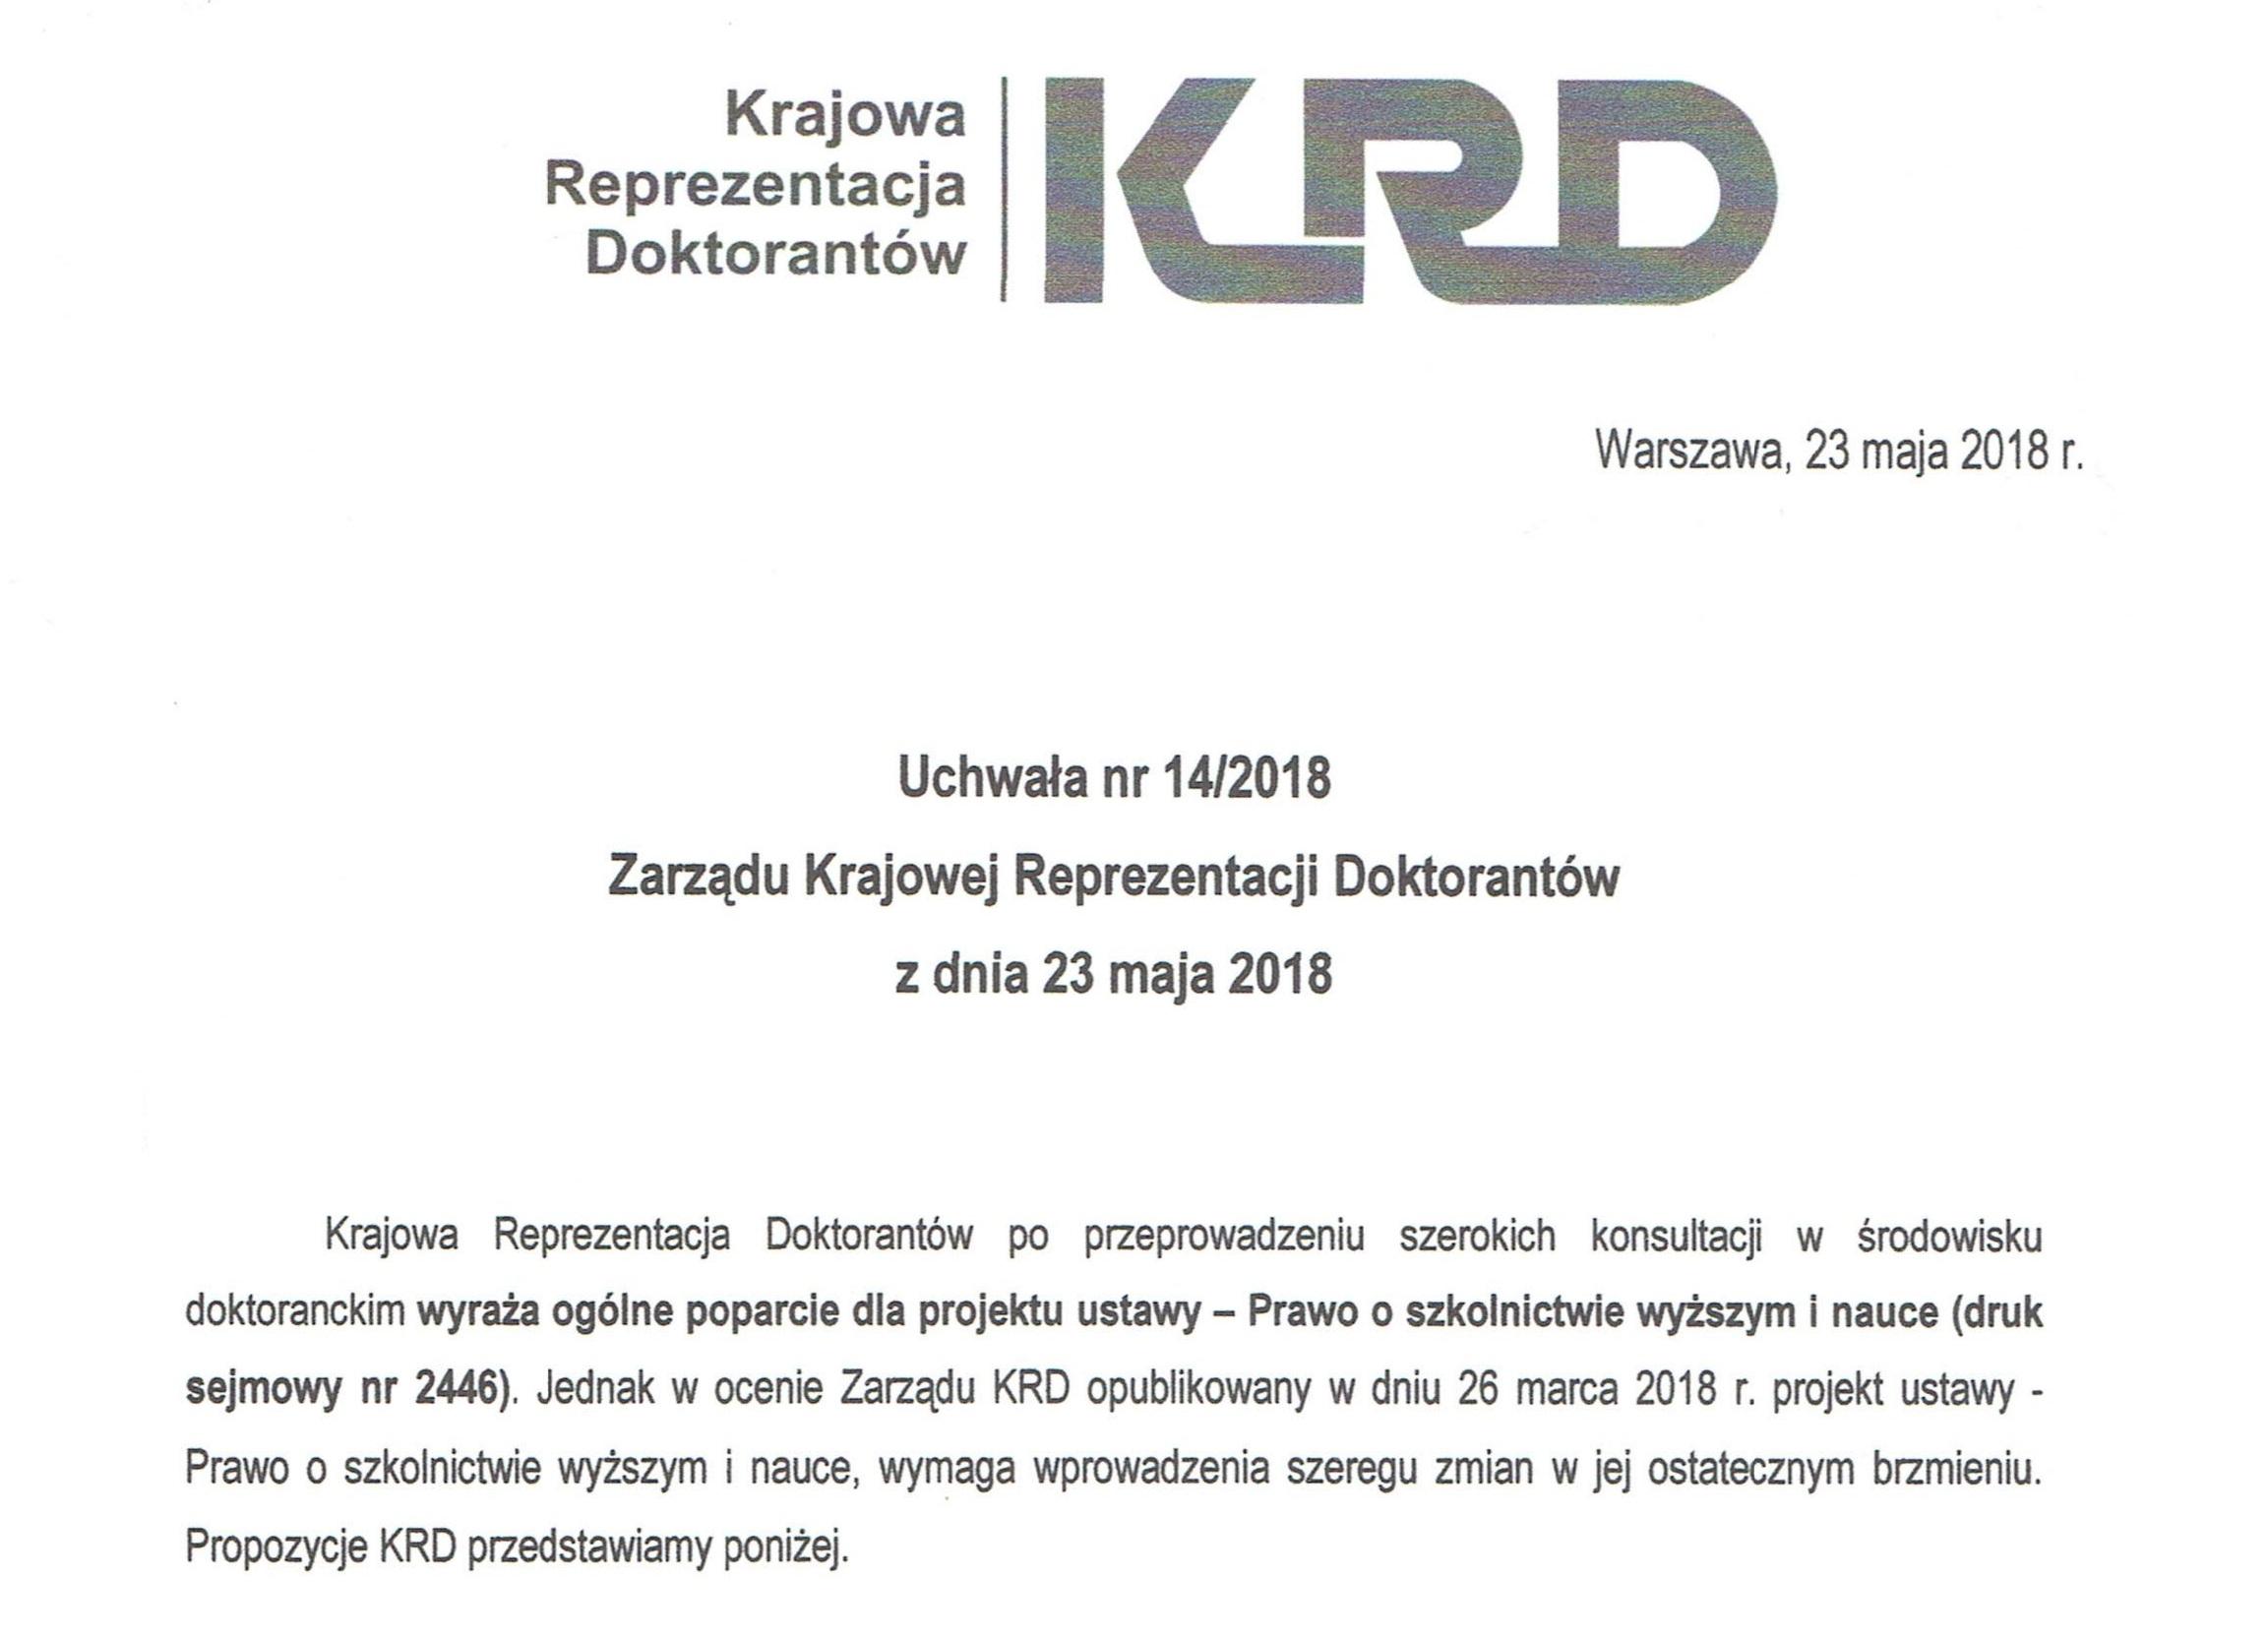 Uchwała KRD nr 14/2018 – proponowane zmiany – poprawki do ustawy 2.0